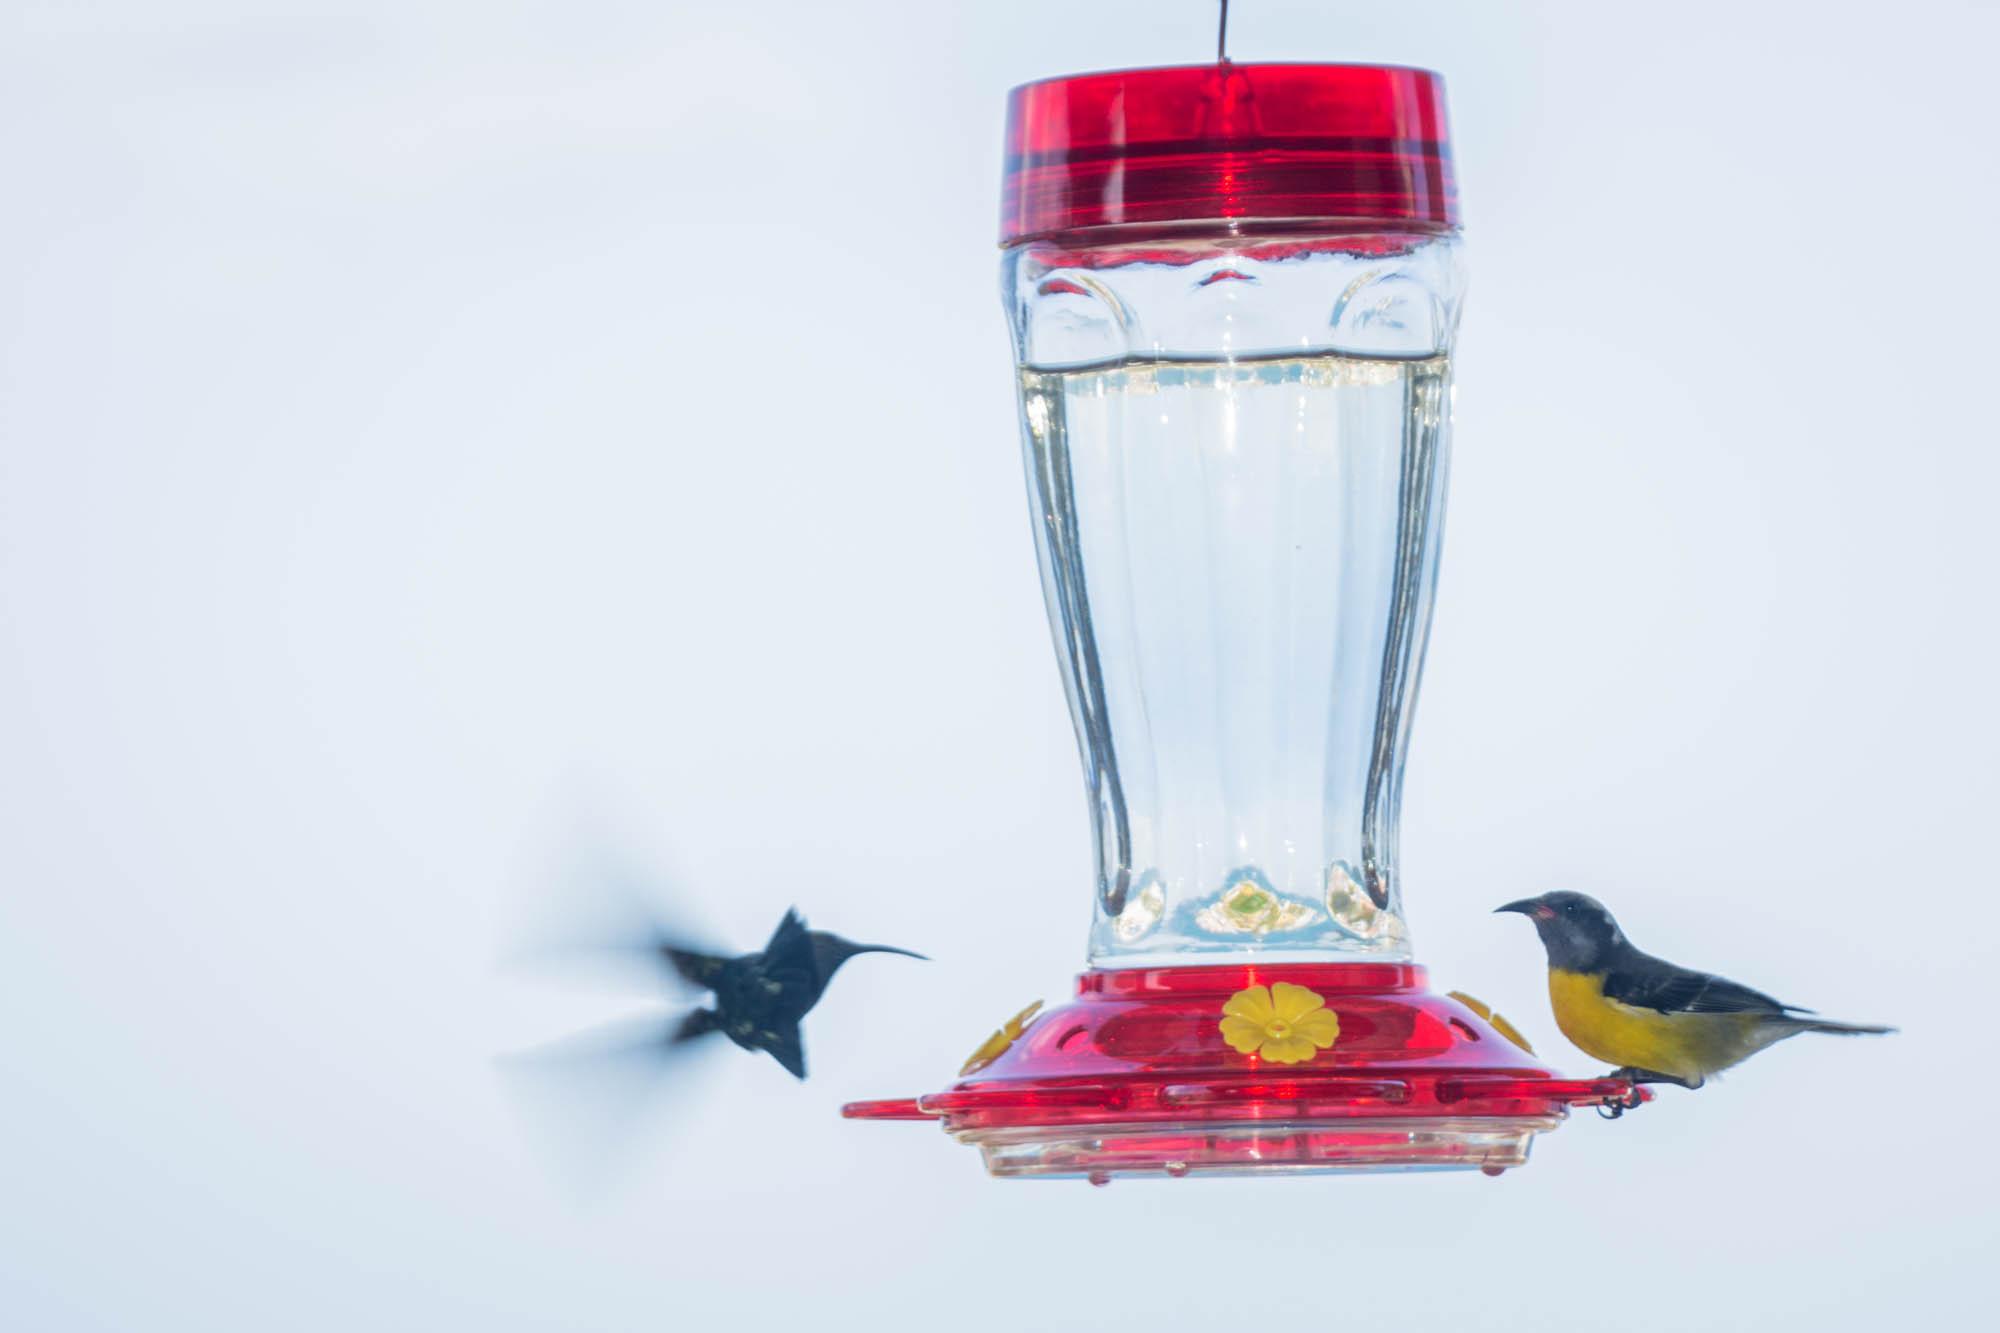 Distribution Gratuite De Mangeoires À Oiseaux Jeudi À Grand intérieur Images D Oiseaux Gratuites